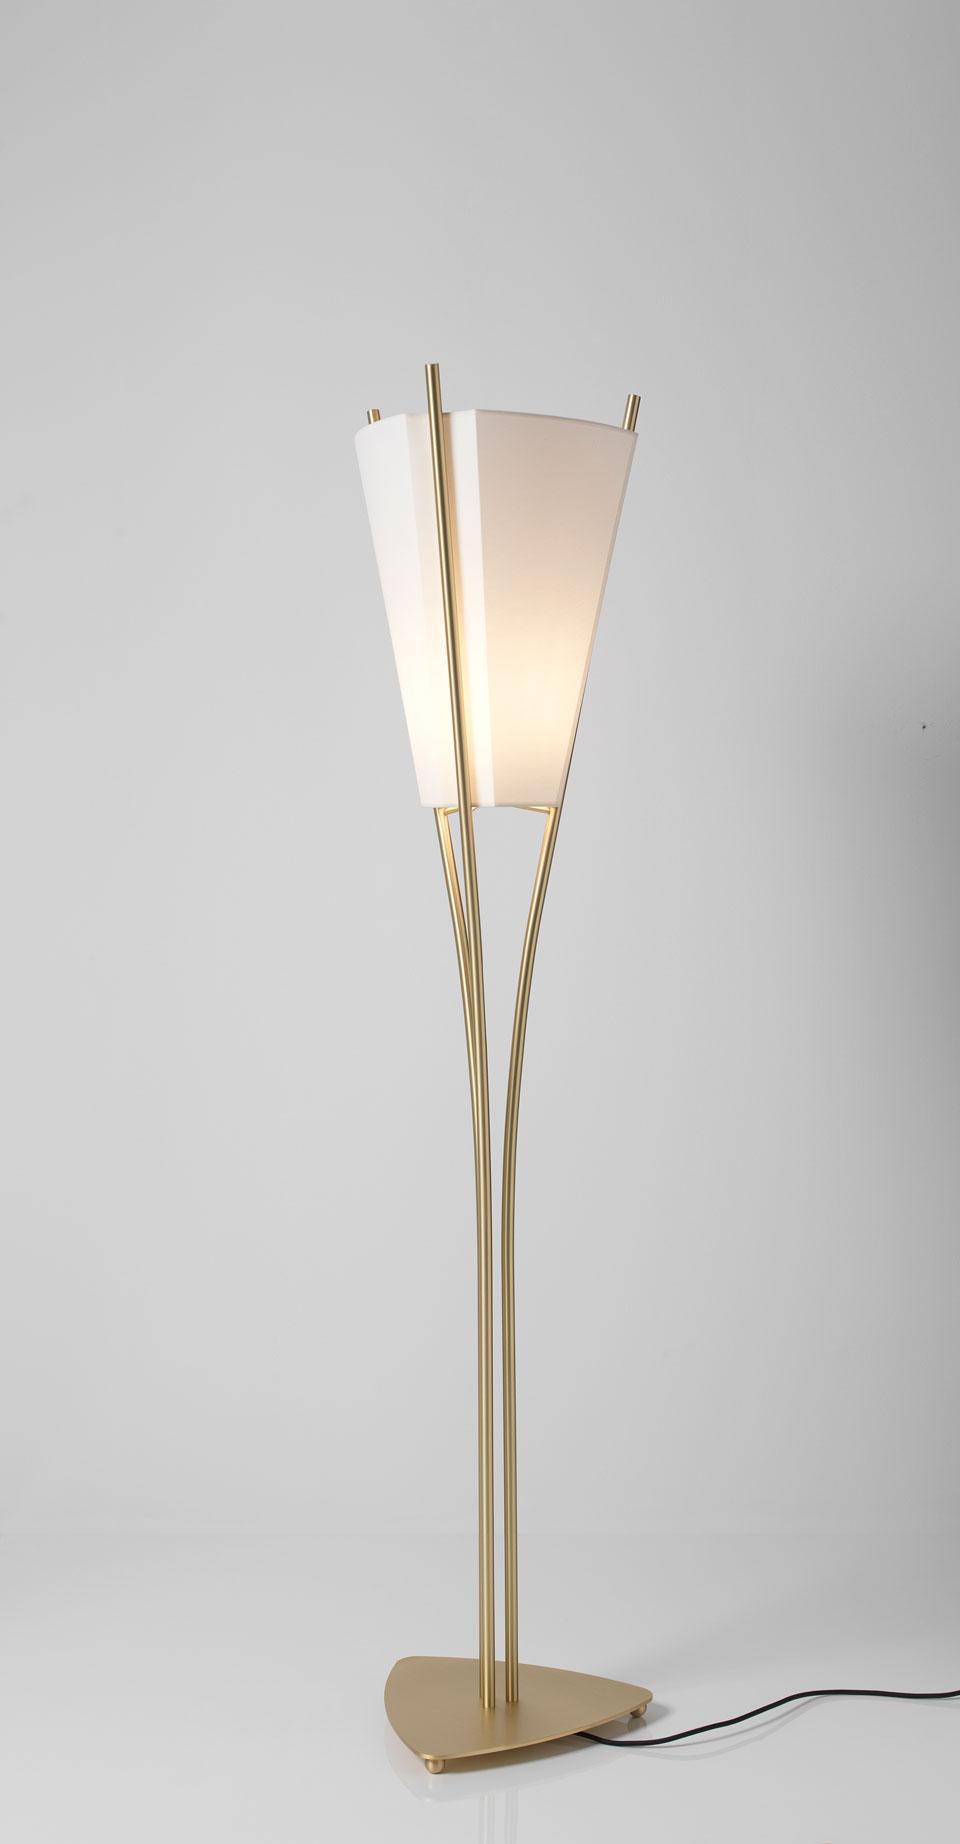 Lampadaire design Curve petit modèle, en laiton satiné. CVL Luminaires.